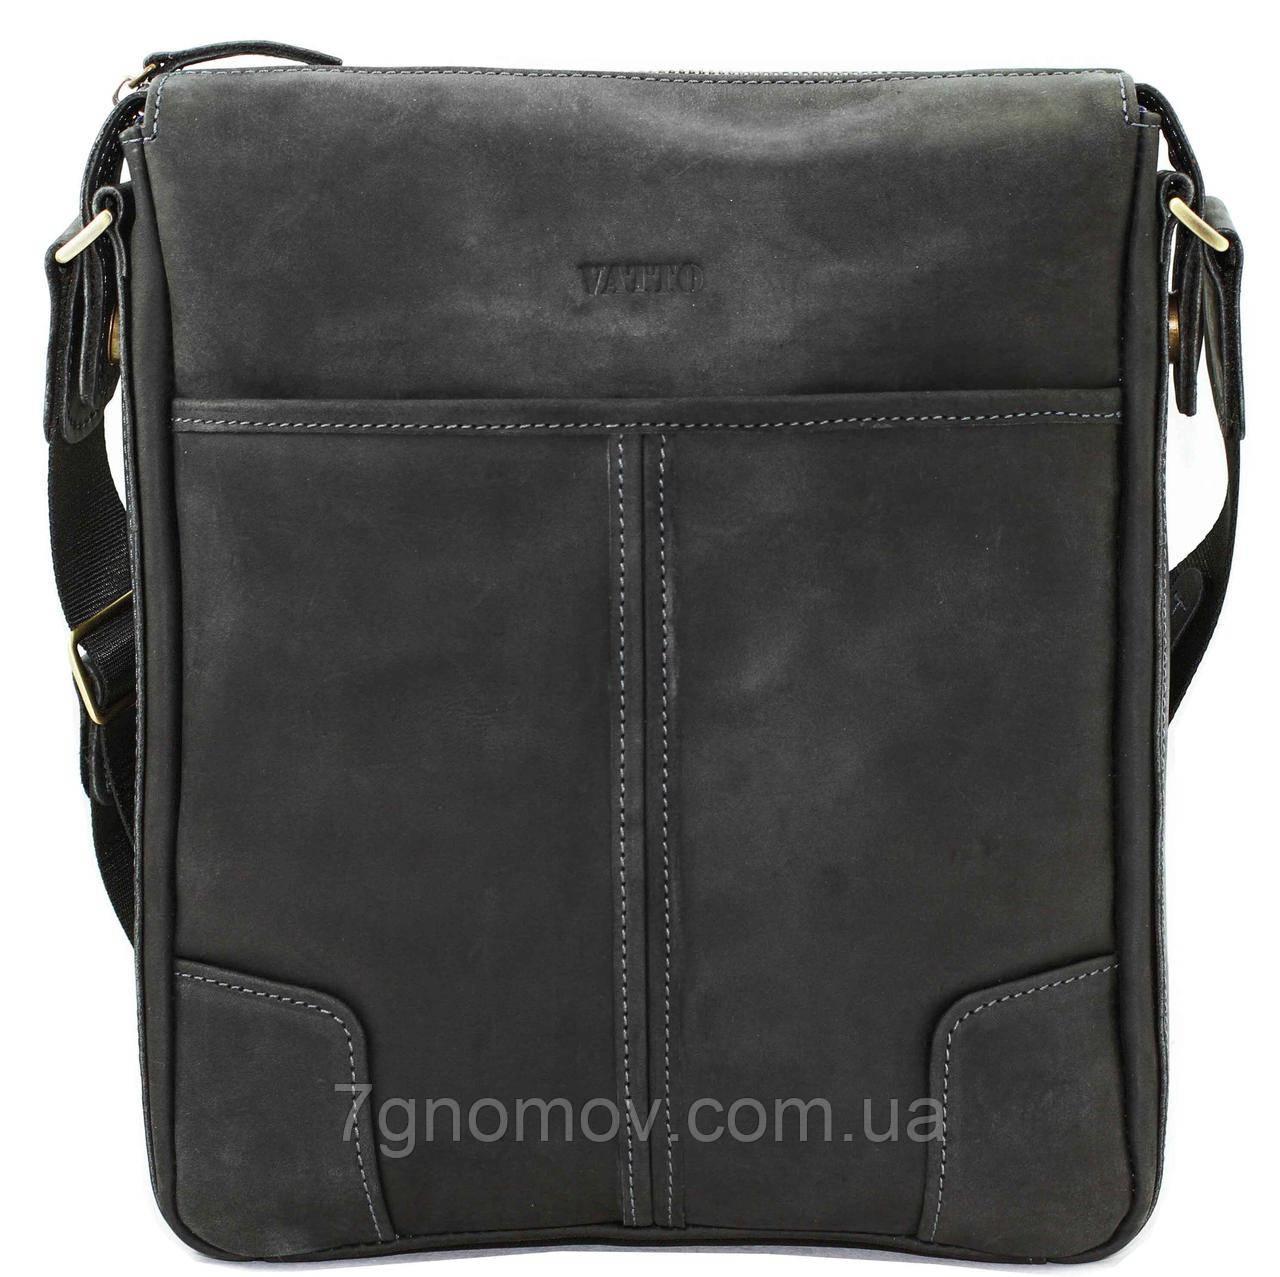 Мужская сумка VATTO Mk10 Kr670